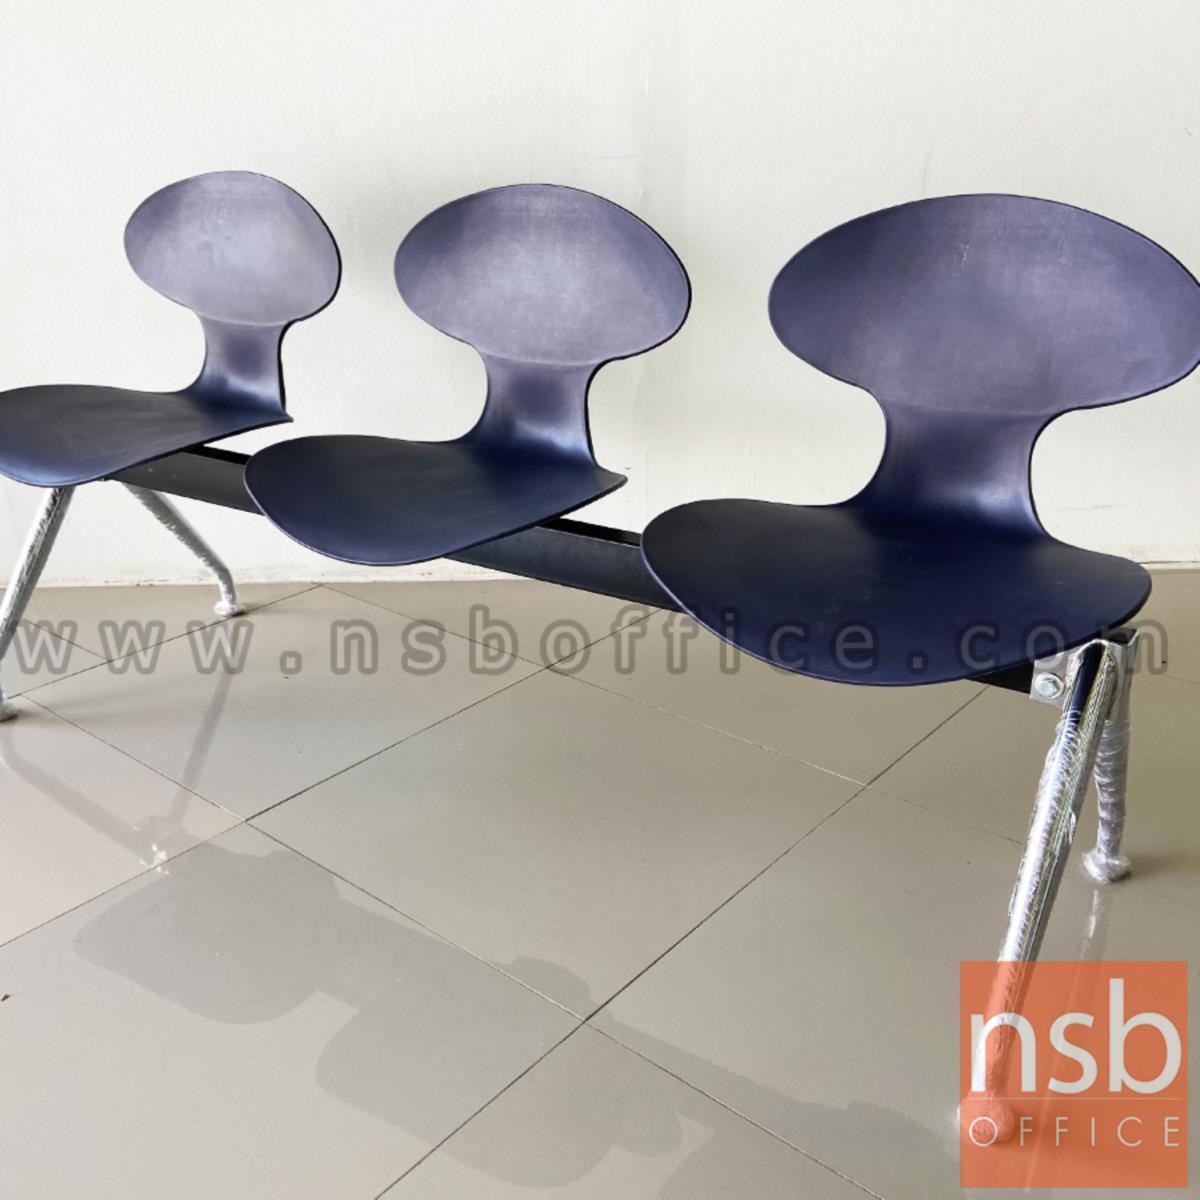 B06A104:เก้าอี้นั่งคอยเฟรมโพลี่ รุ่น B278 2 ,3 ,4 ที่นั่ง ขนาด 106W ,164W ,222W cm. ขาเหล็ก